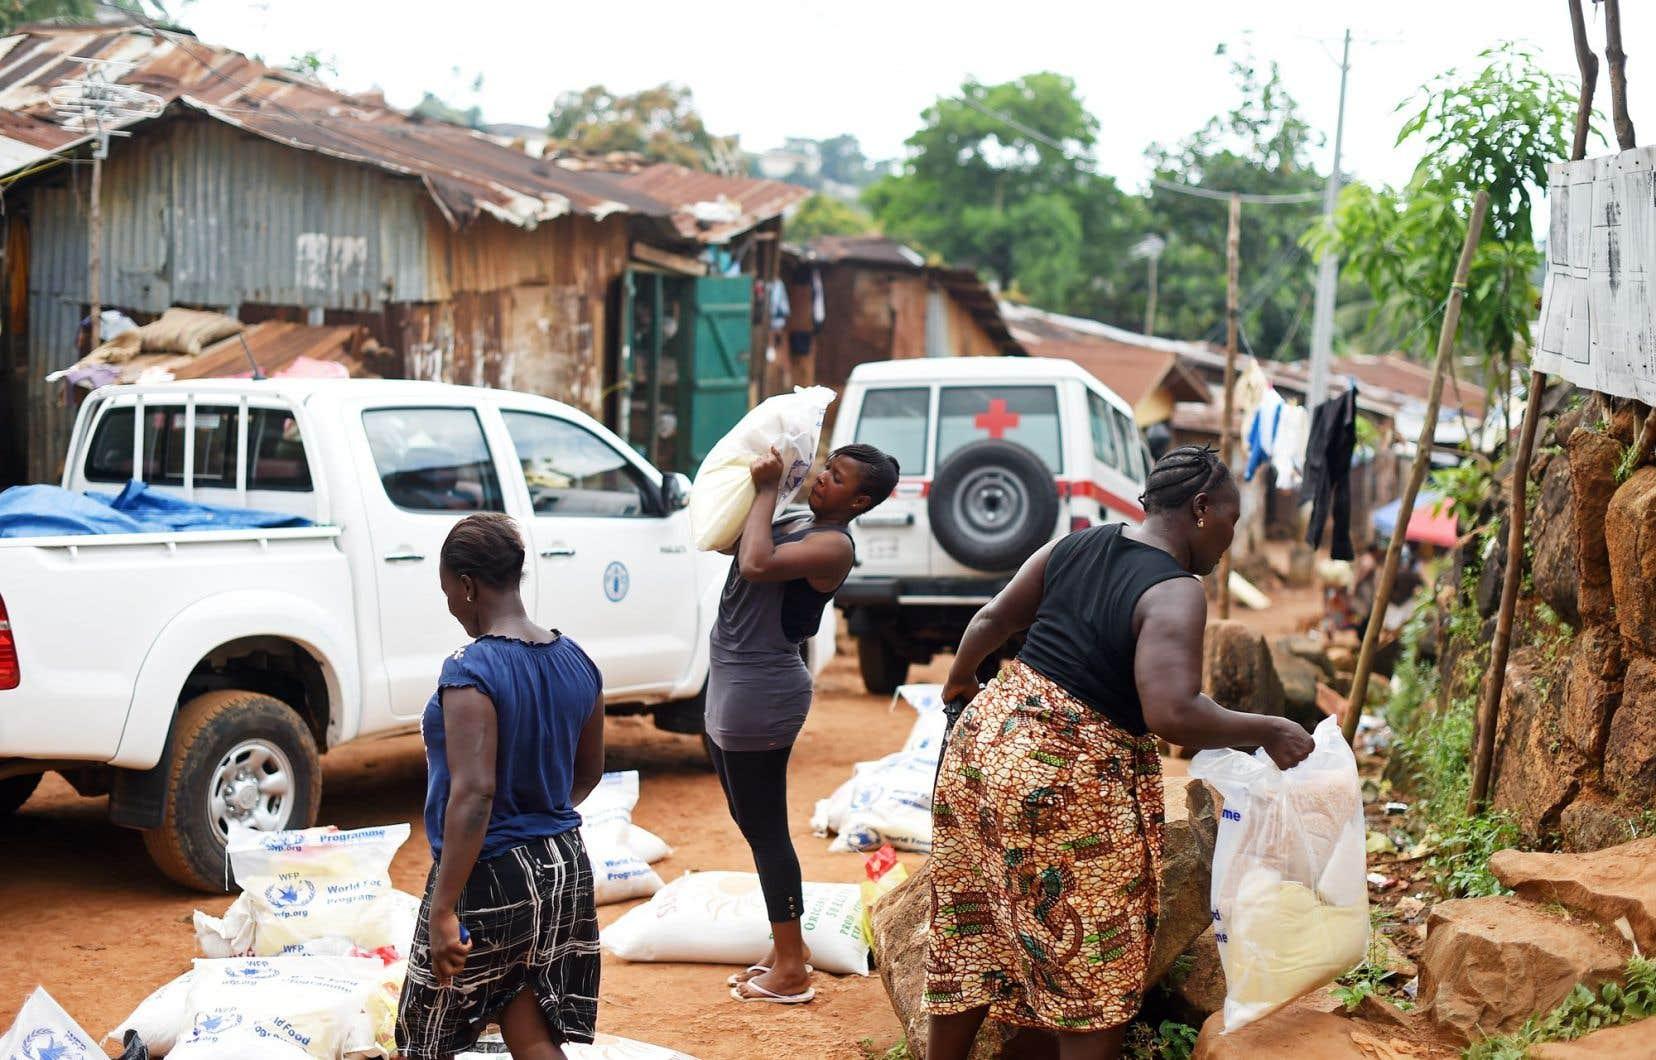 Des citadins en quarantaine reçoivent de l'aide alimentaire en Sierra Leone. Le virus a causé une pénurie de main-d'œuvre dans les champs en pleine période des récoltes.